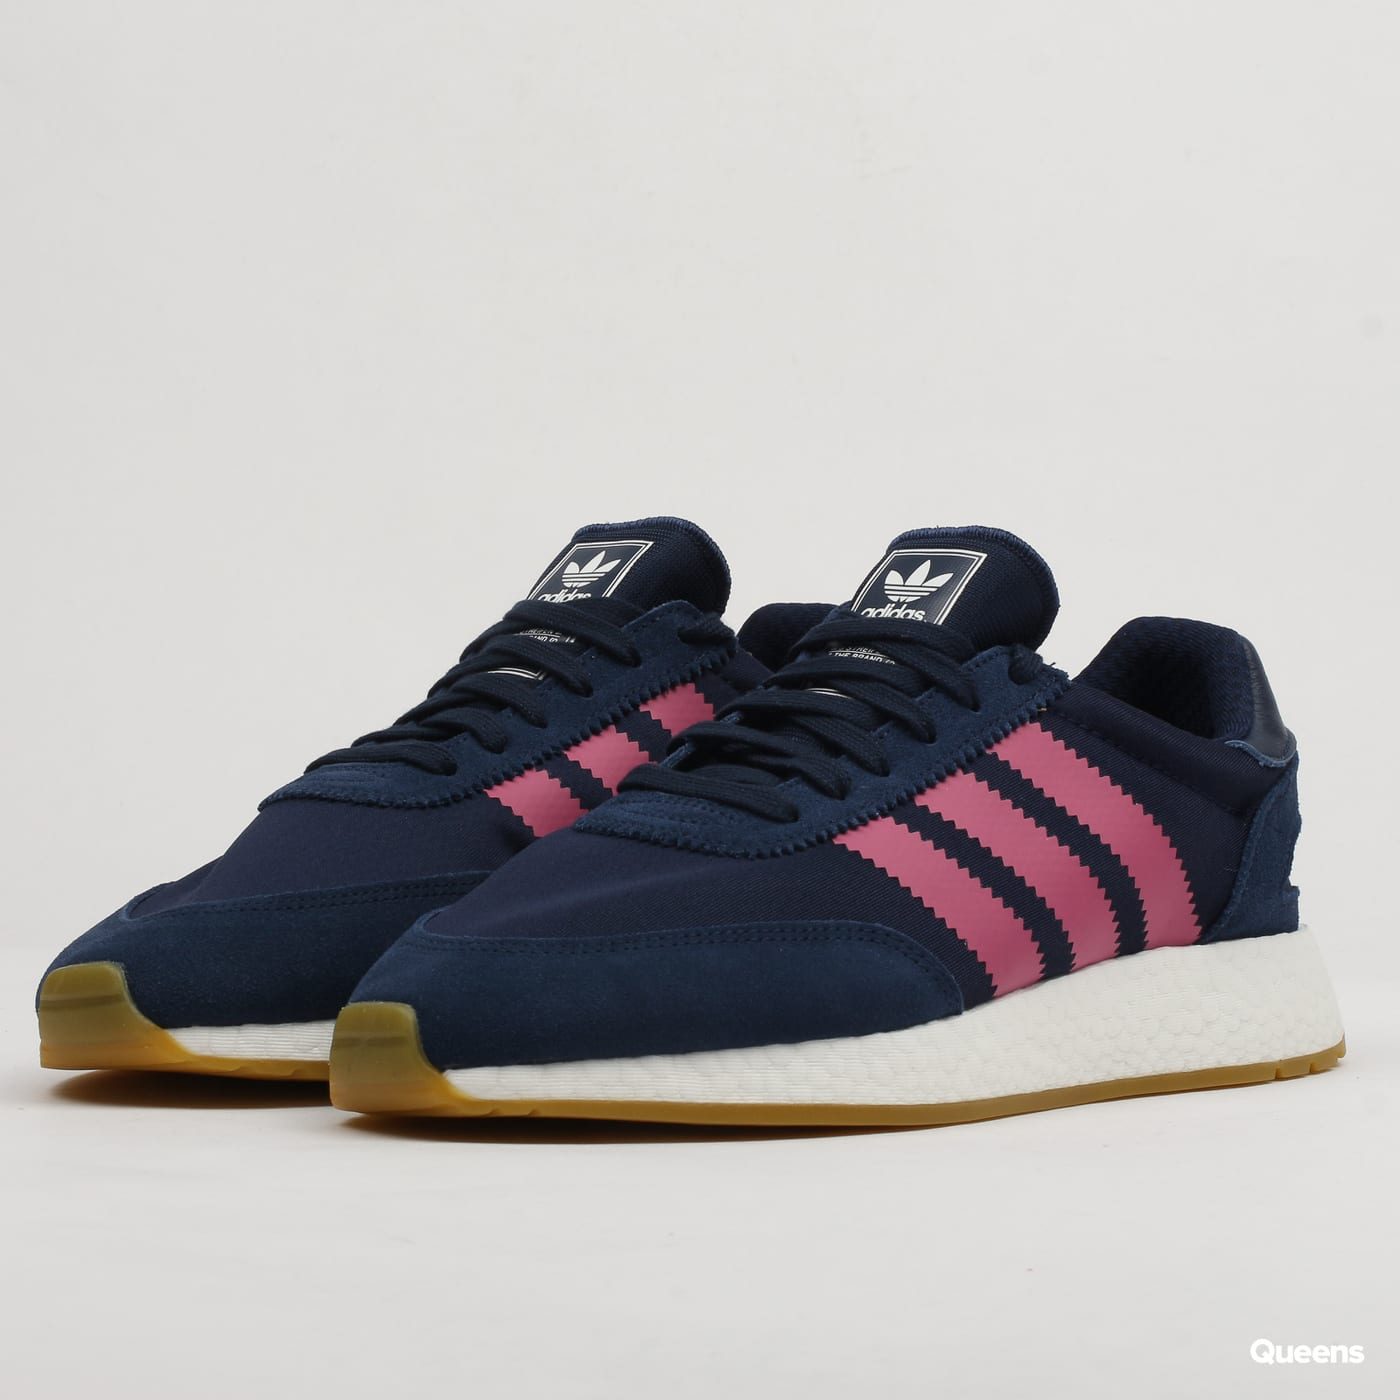 4da5f918e9071 adidas Originals I - 5923 night indigo / real pink / gum3